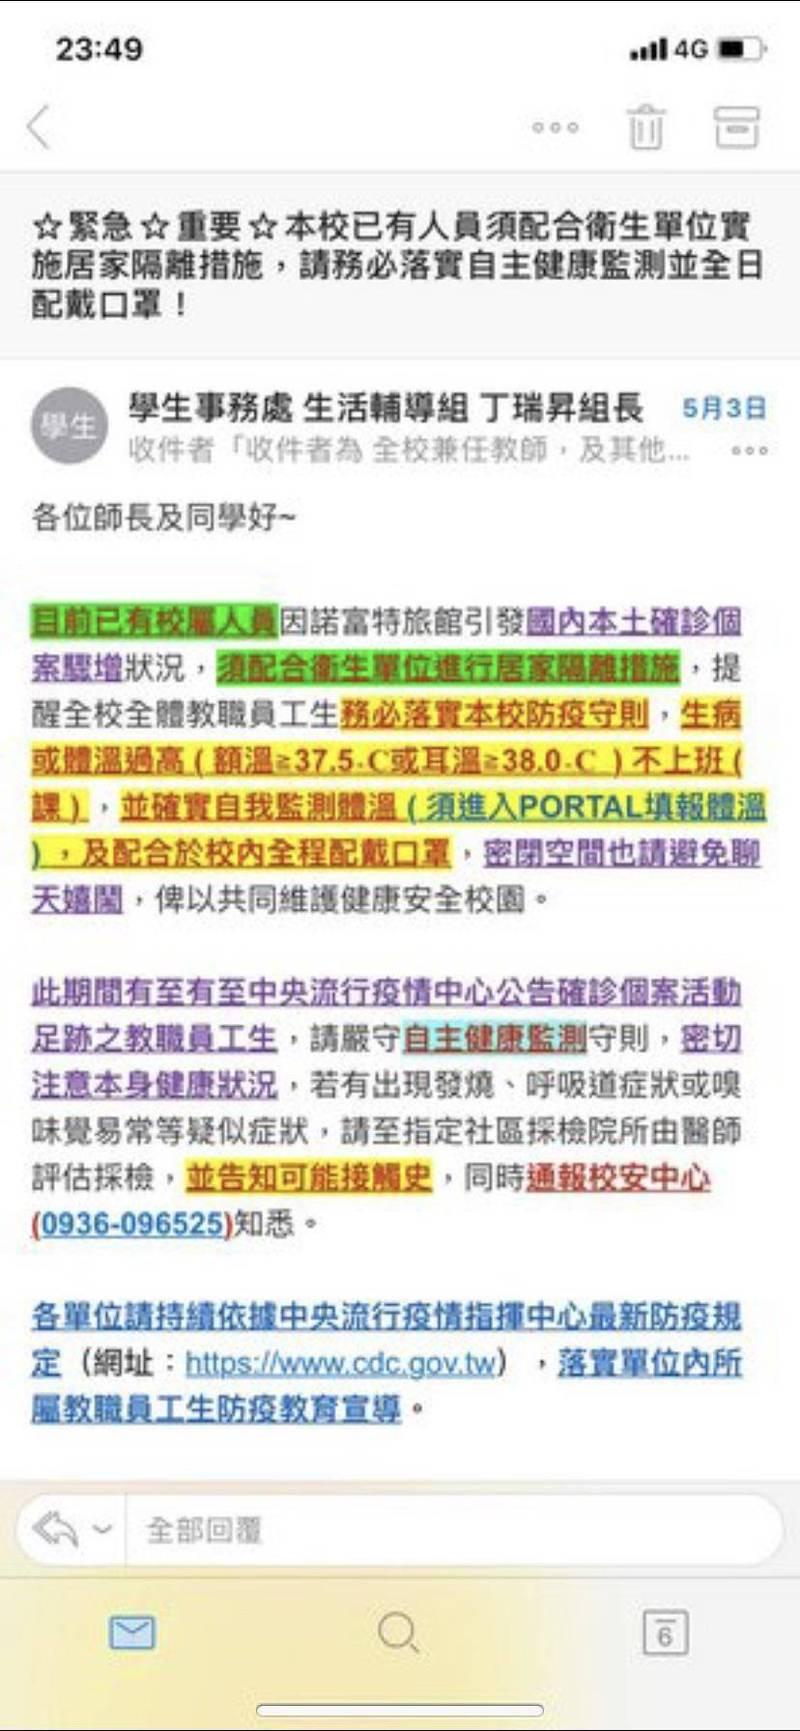 由於網路也流傳亞東技術學院學務處寄給校內師生的電子郵件,表示學校所屬人員因諾富特群聚而須居家隔離。(擷取自Dcard)